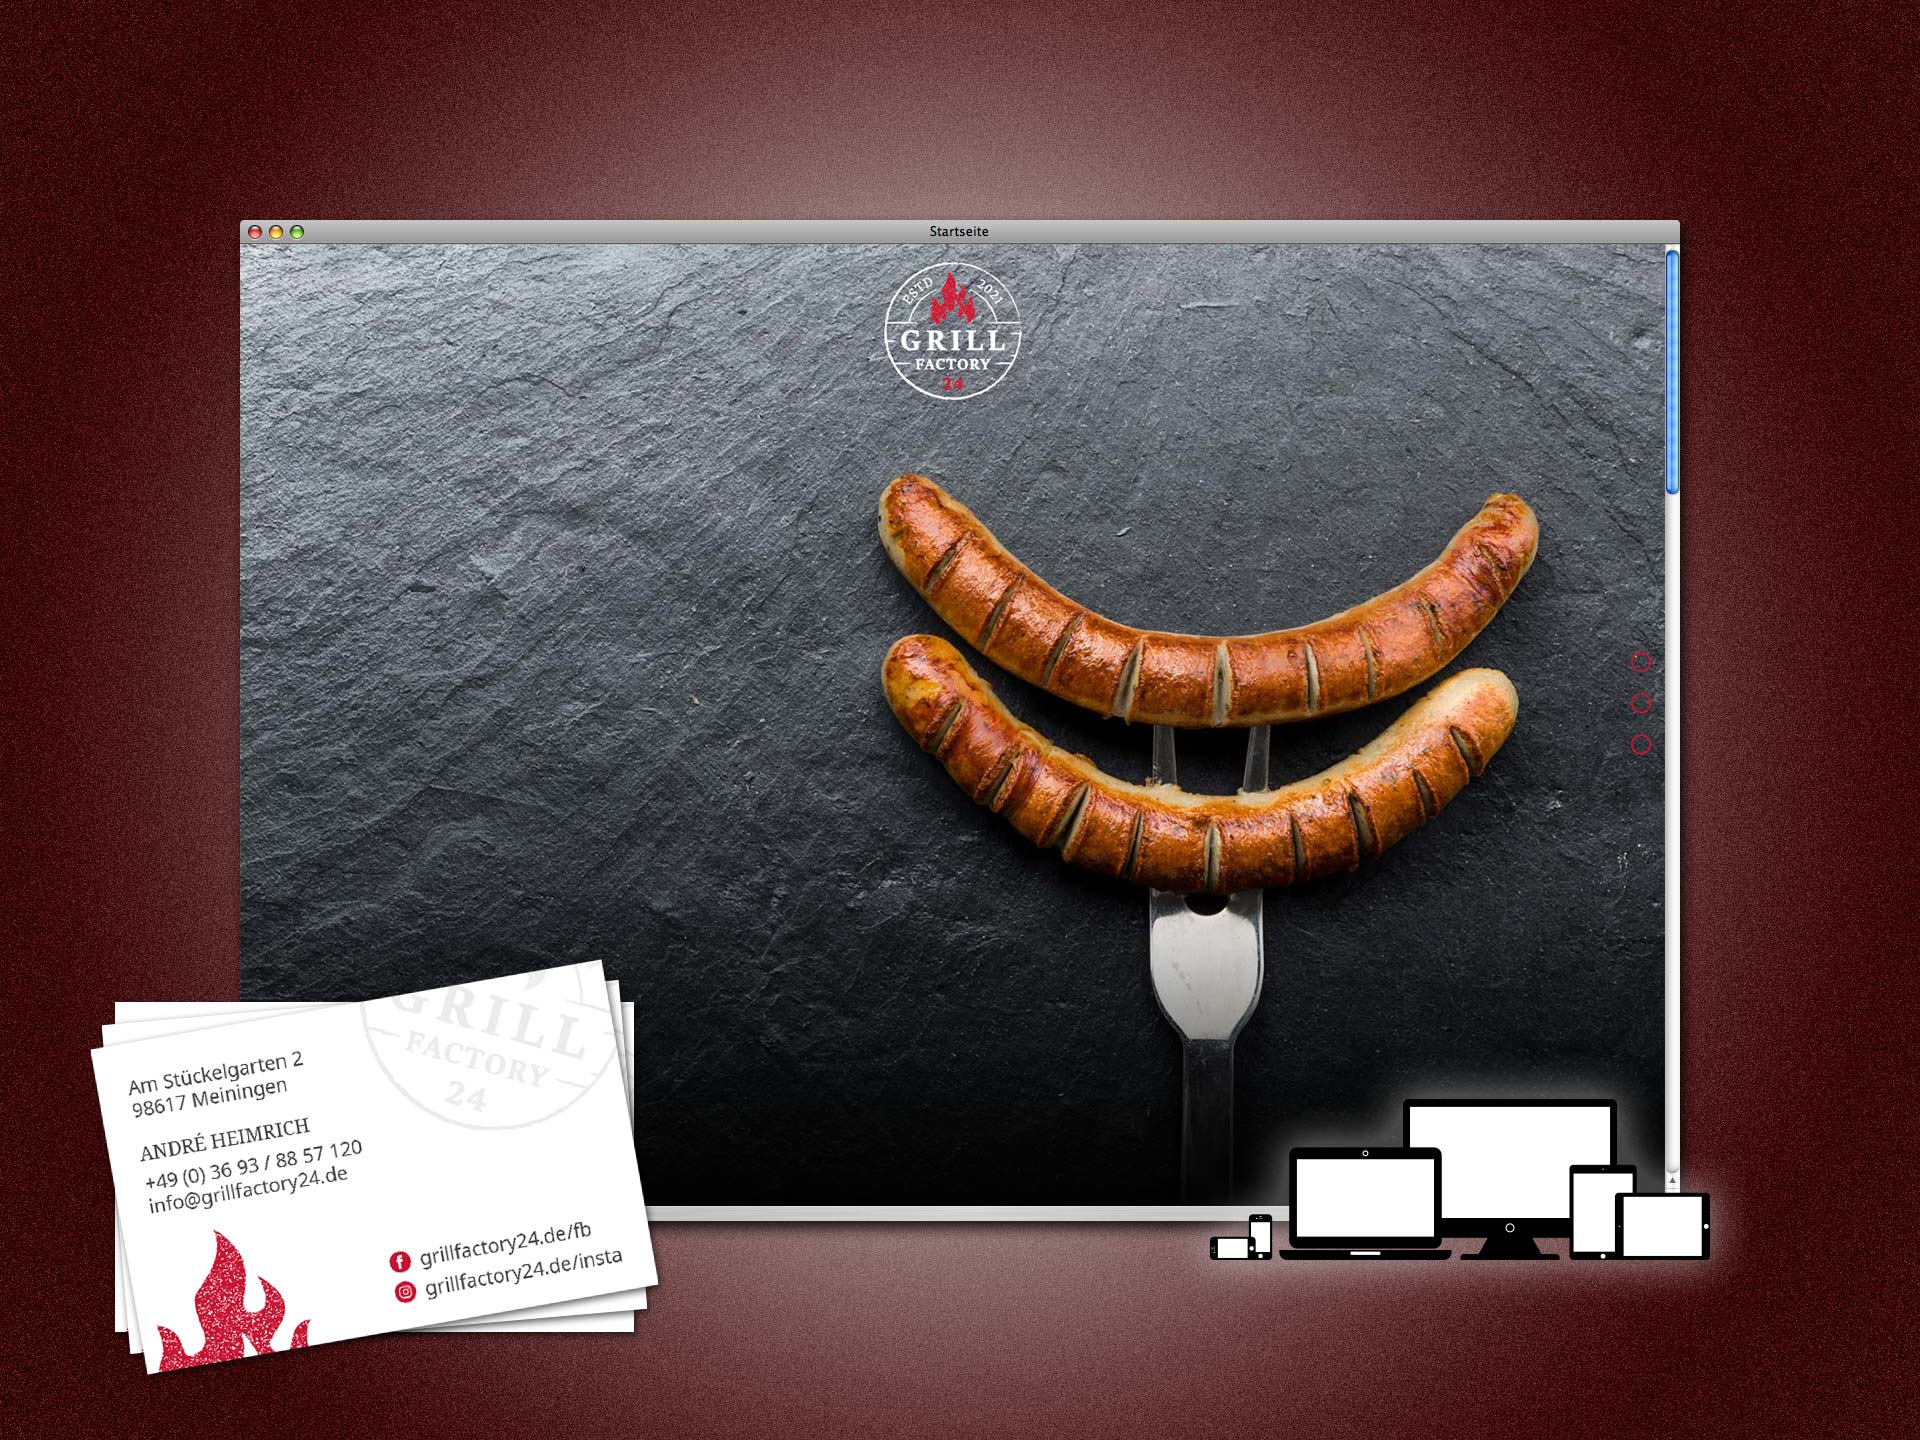 grillfactory24.de - Website und Visitenkarten